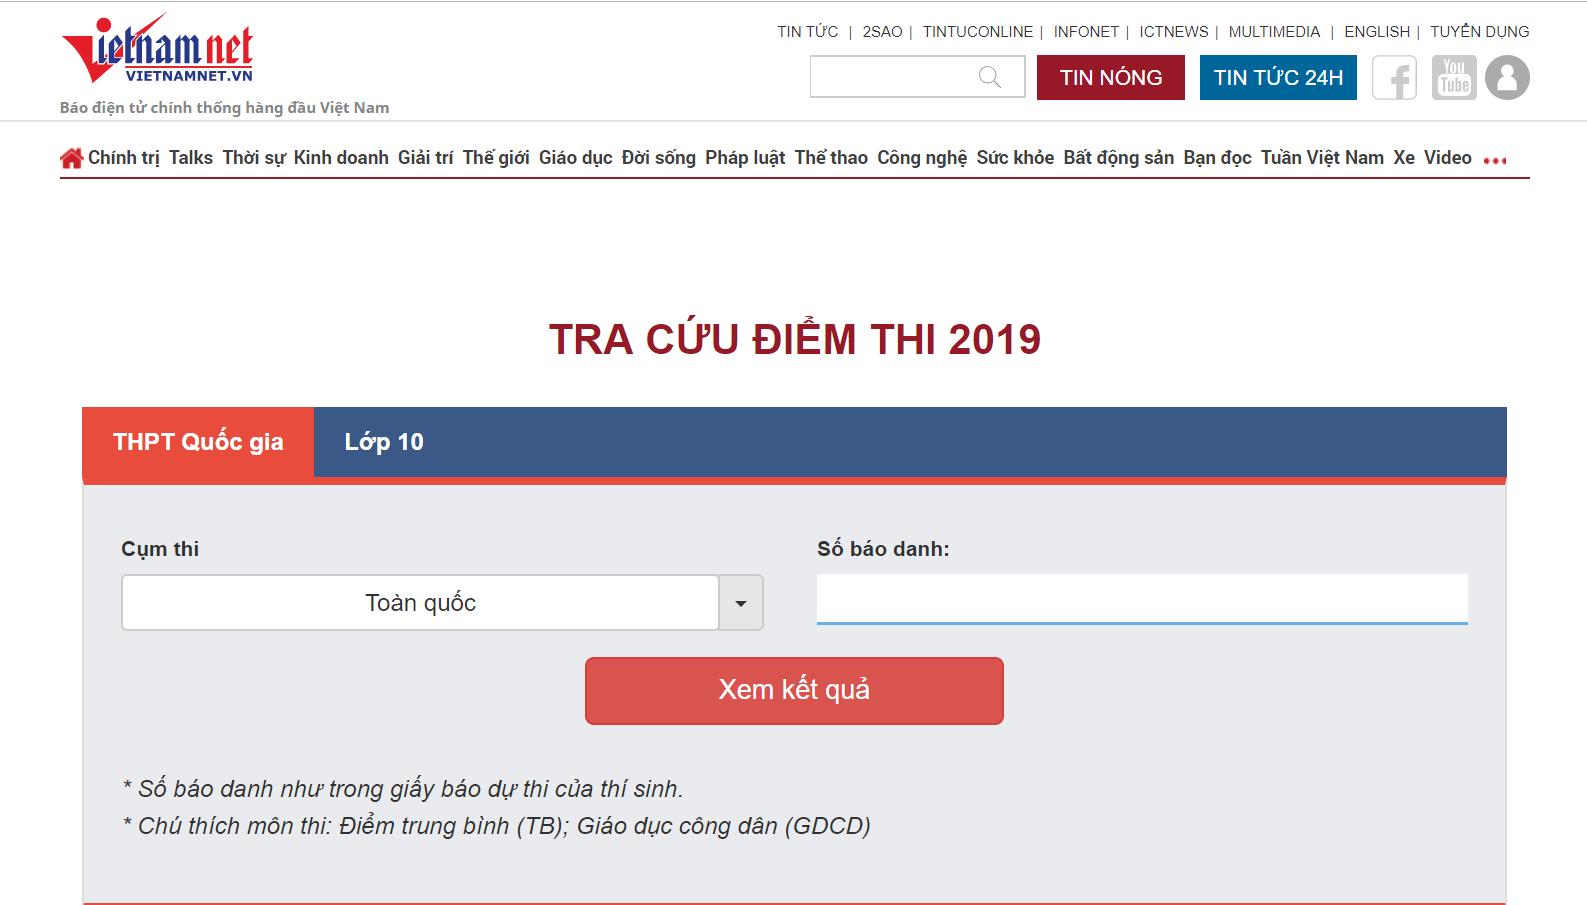 Tra cứu điểm thi THPT quốc gia 2019 trên VietNamNet